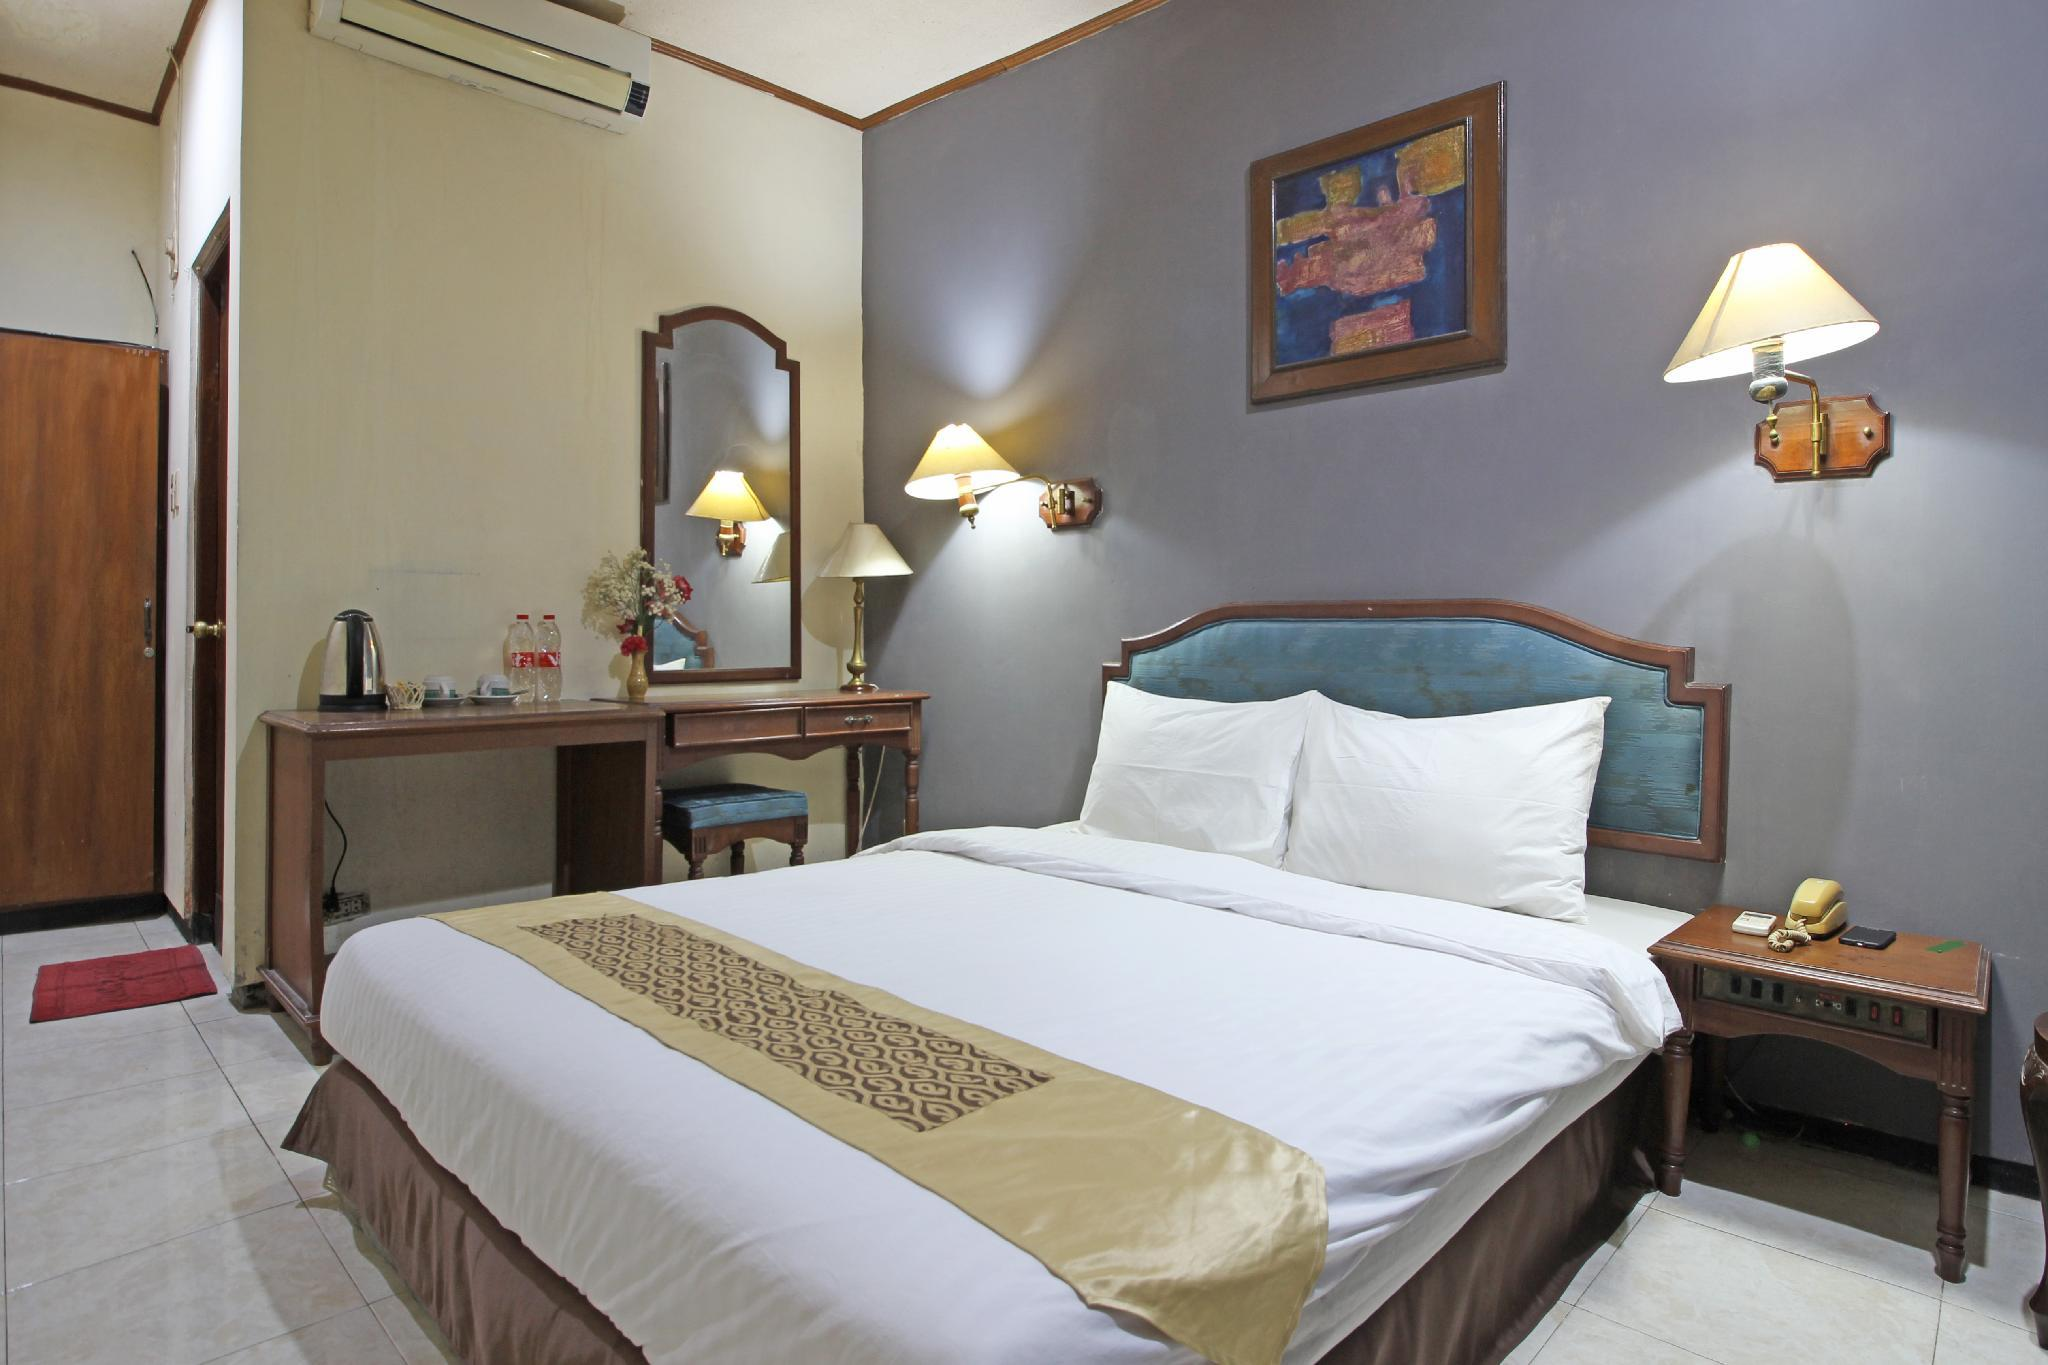 Berlian Hotel Malioboro, Yogyakarta